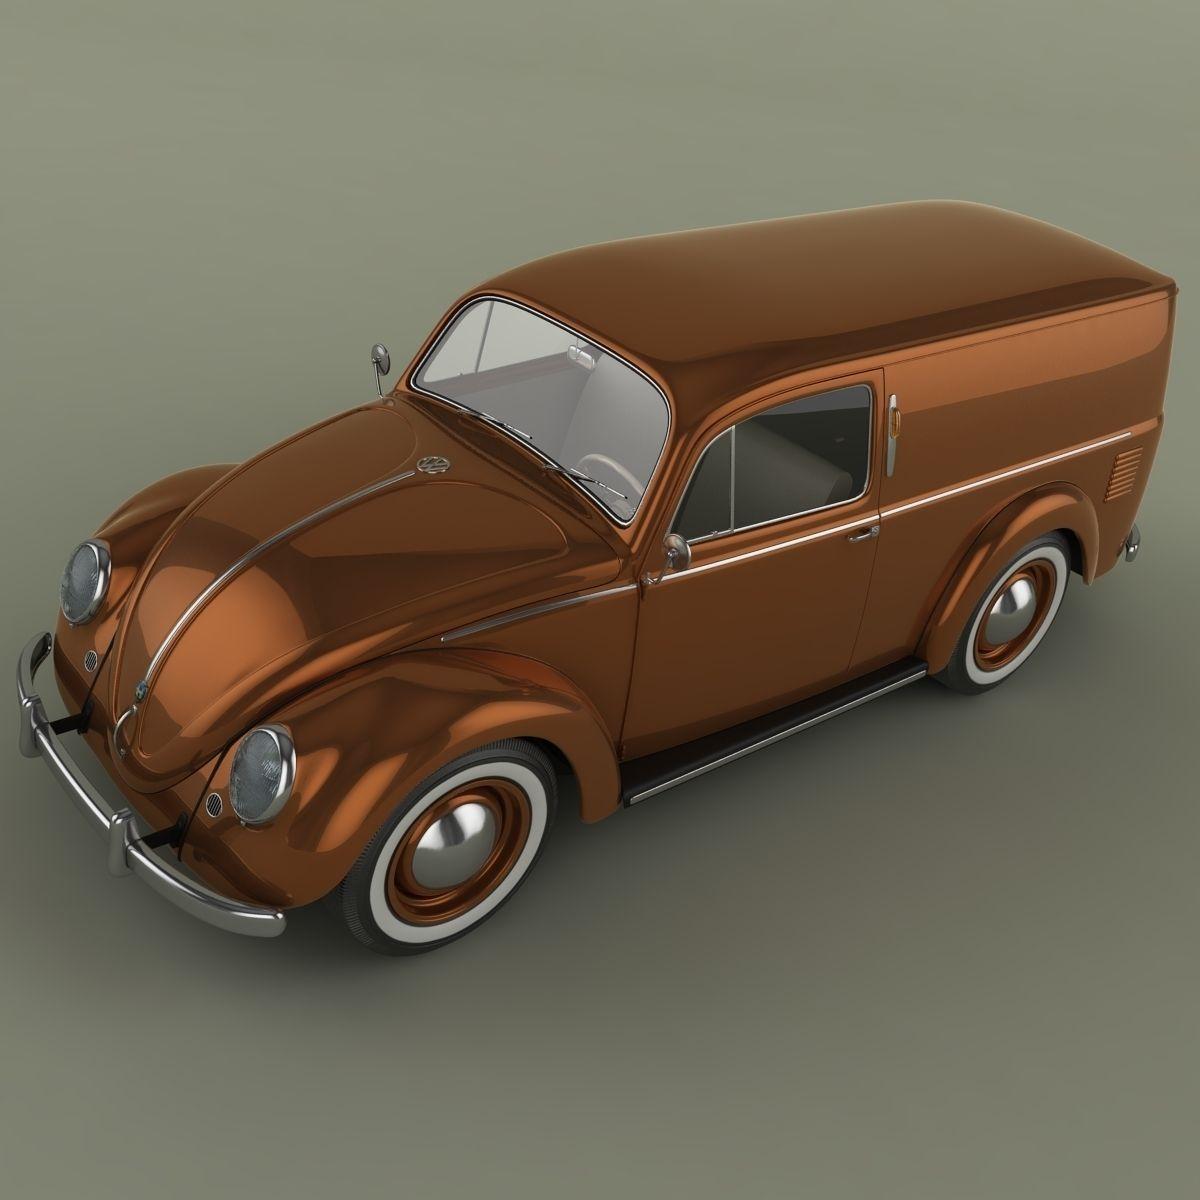 Volkswagen Beetle Van 3D Model .max .obj .fbx - CGTrader.com